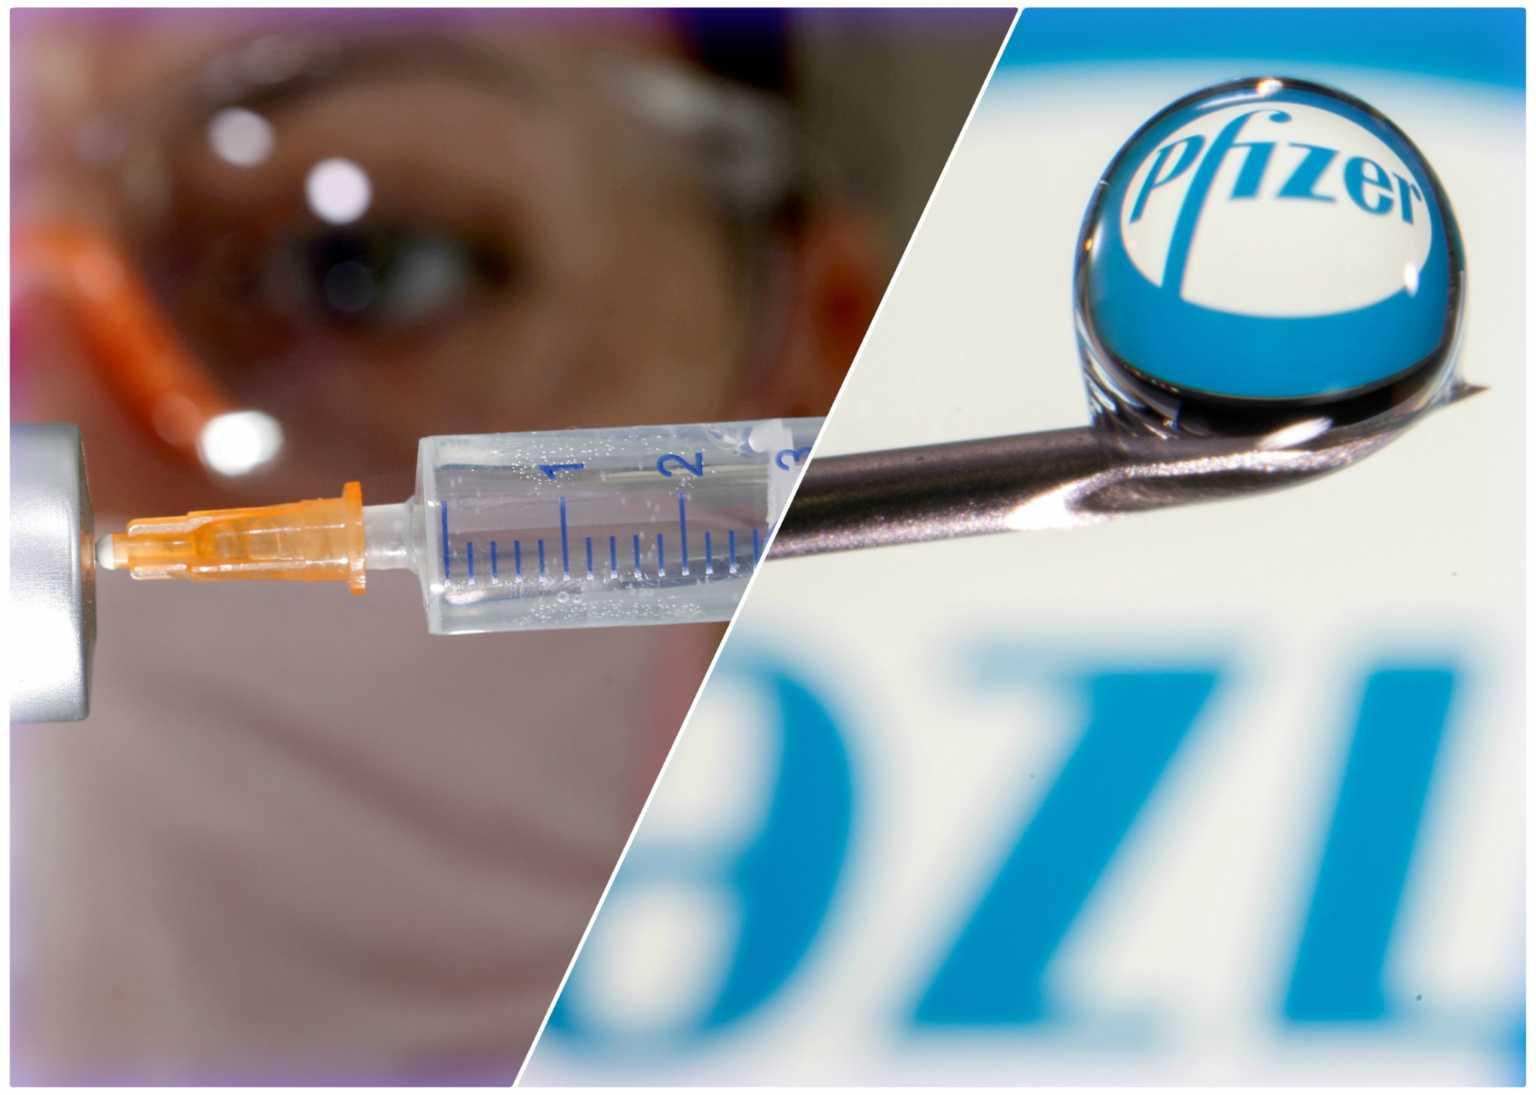 Ραγδαίες εξελίξεις: Εγκρίνει άμεσα το εμβόλιο της Pfizer η Βρετανία!